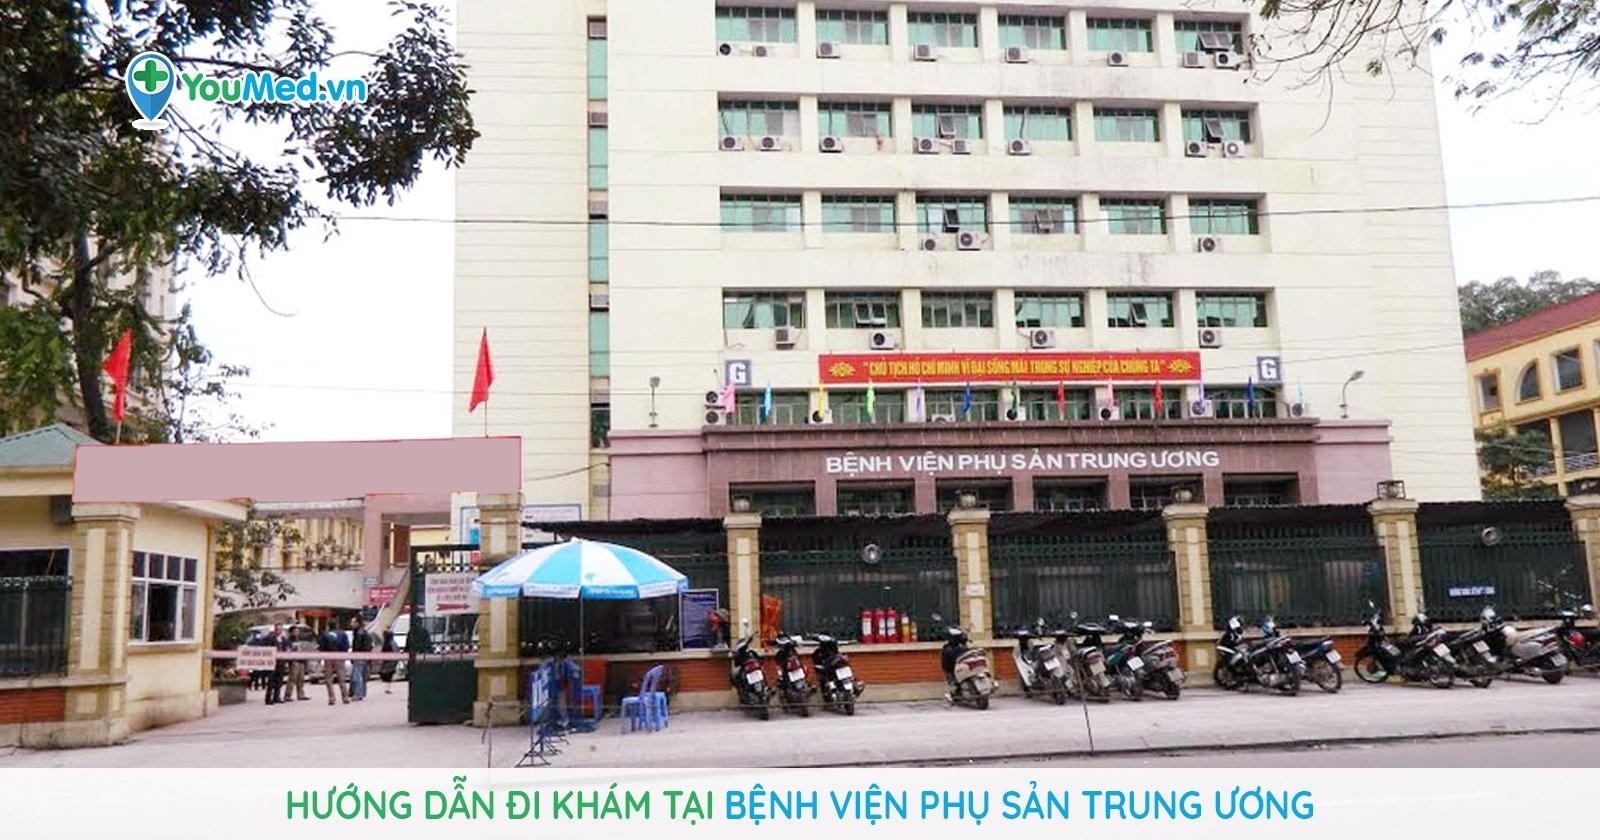 Hướng dẫn khám chữa bệnh tại Bệnh viện Phụ Sản Trung ương